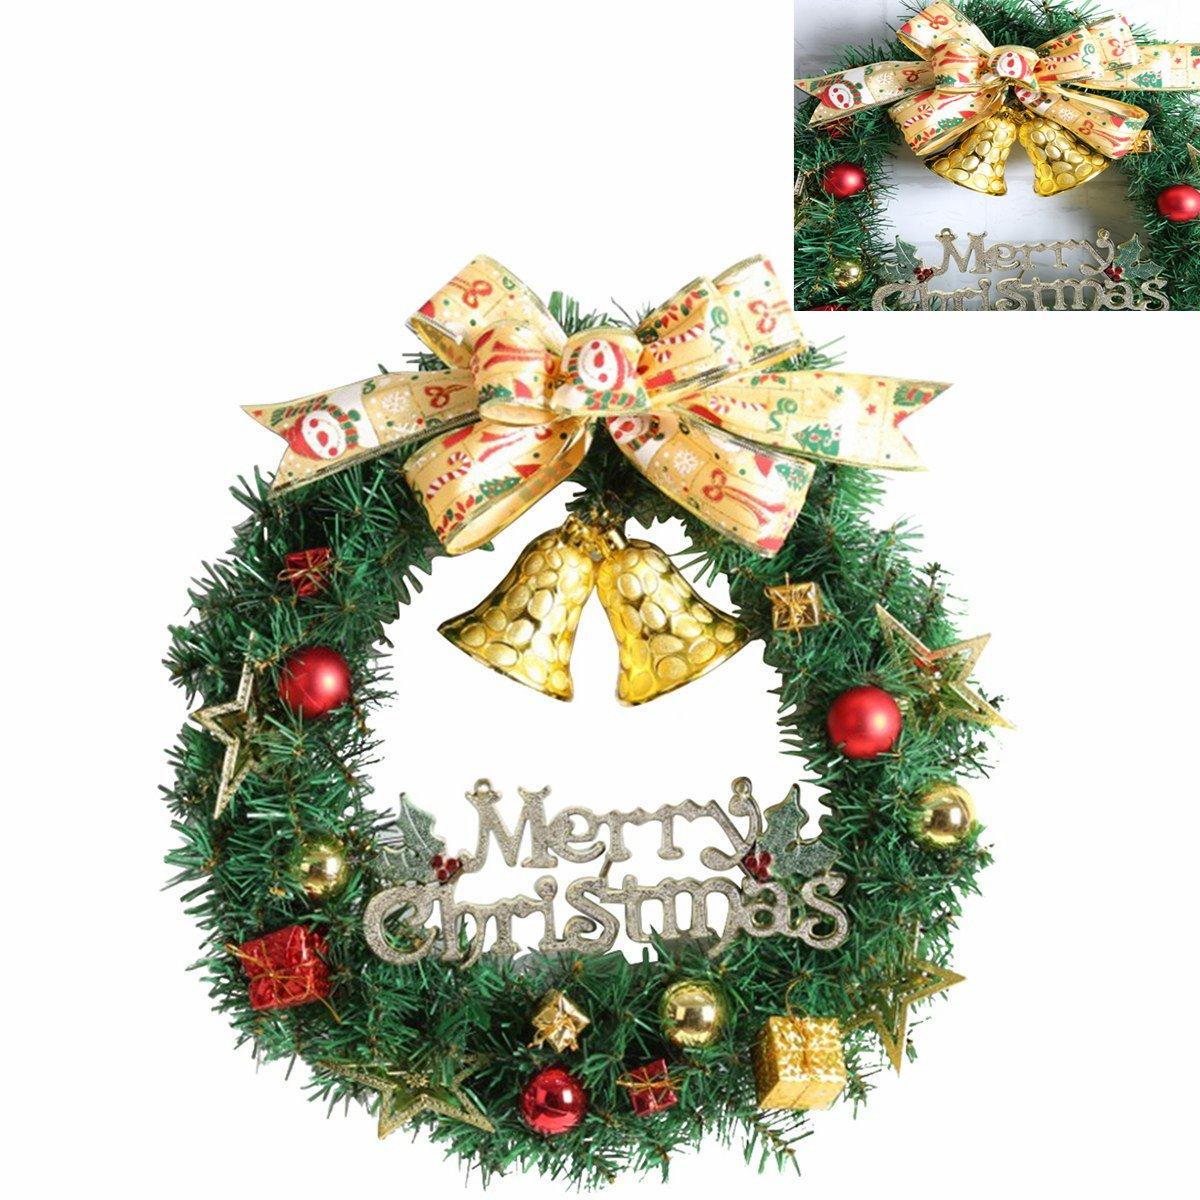 WINOMO Weihnachten Kranz Bowknot Weihnachtskranz Tannenkranz mit kugeln Stern Geschenke Weihnachtsdeko T/ür Wand Ornament